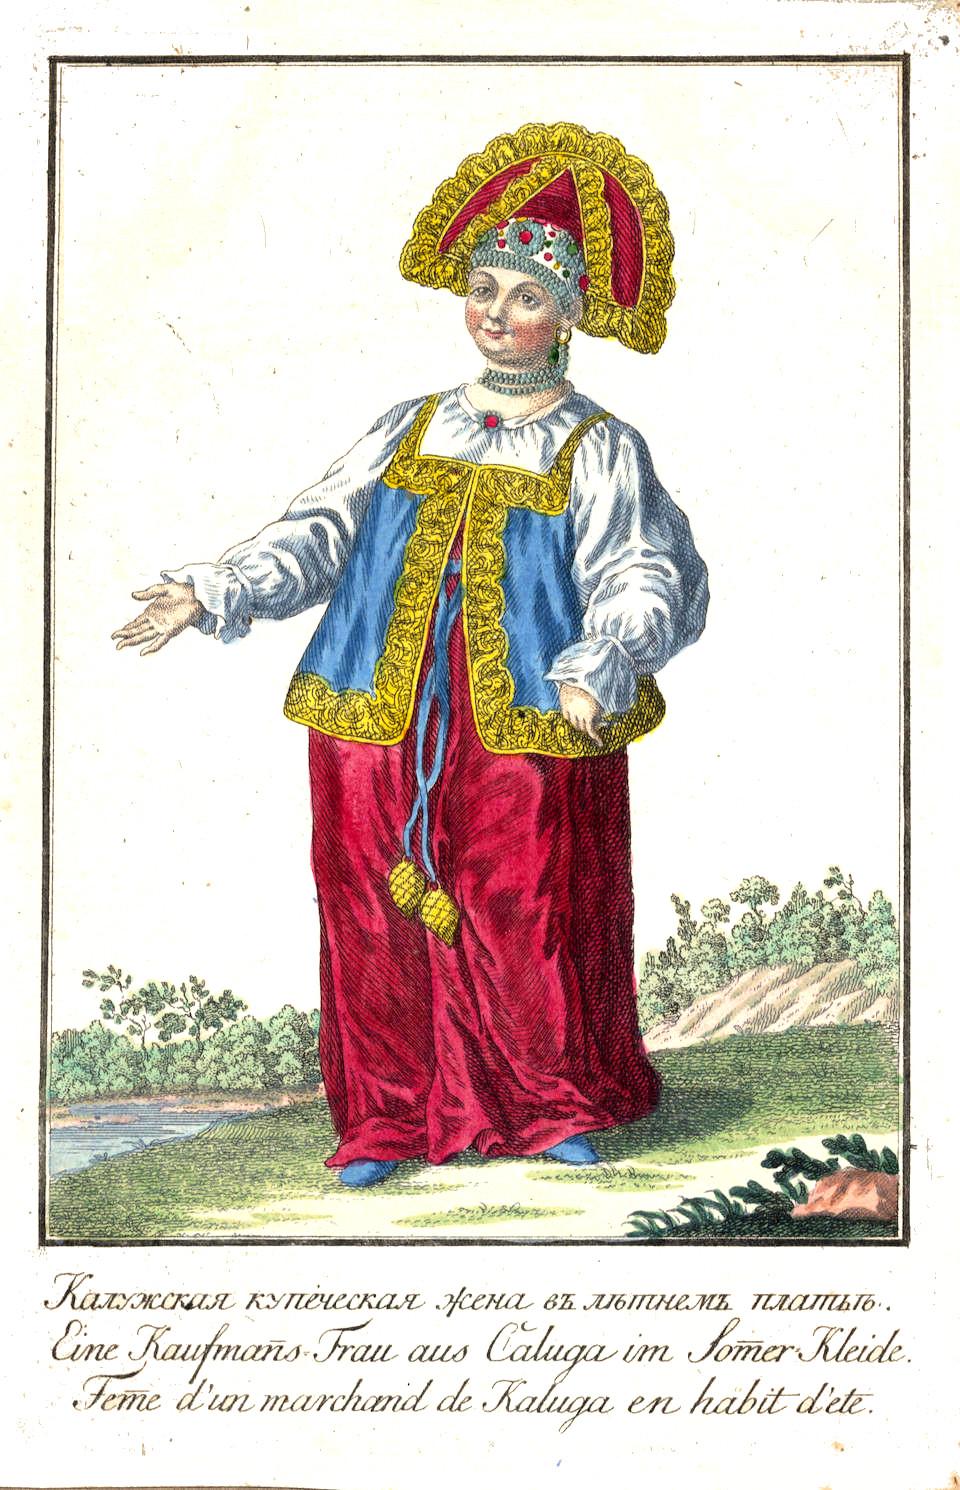 Купеческая жена из Калуги в летнем платье. Рисунок из книги Георги